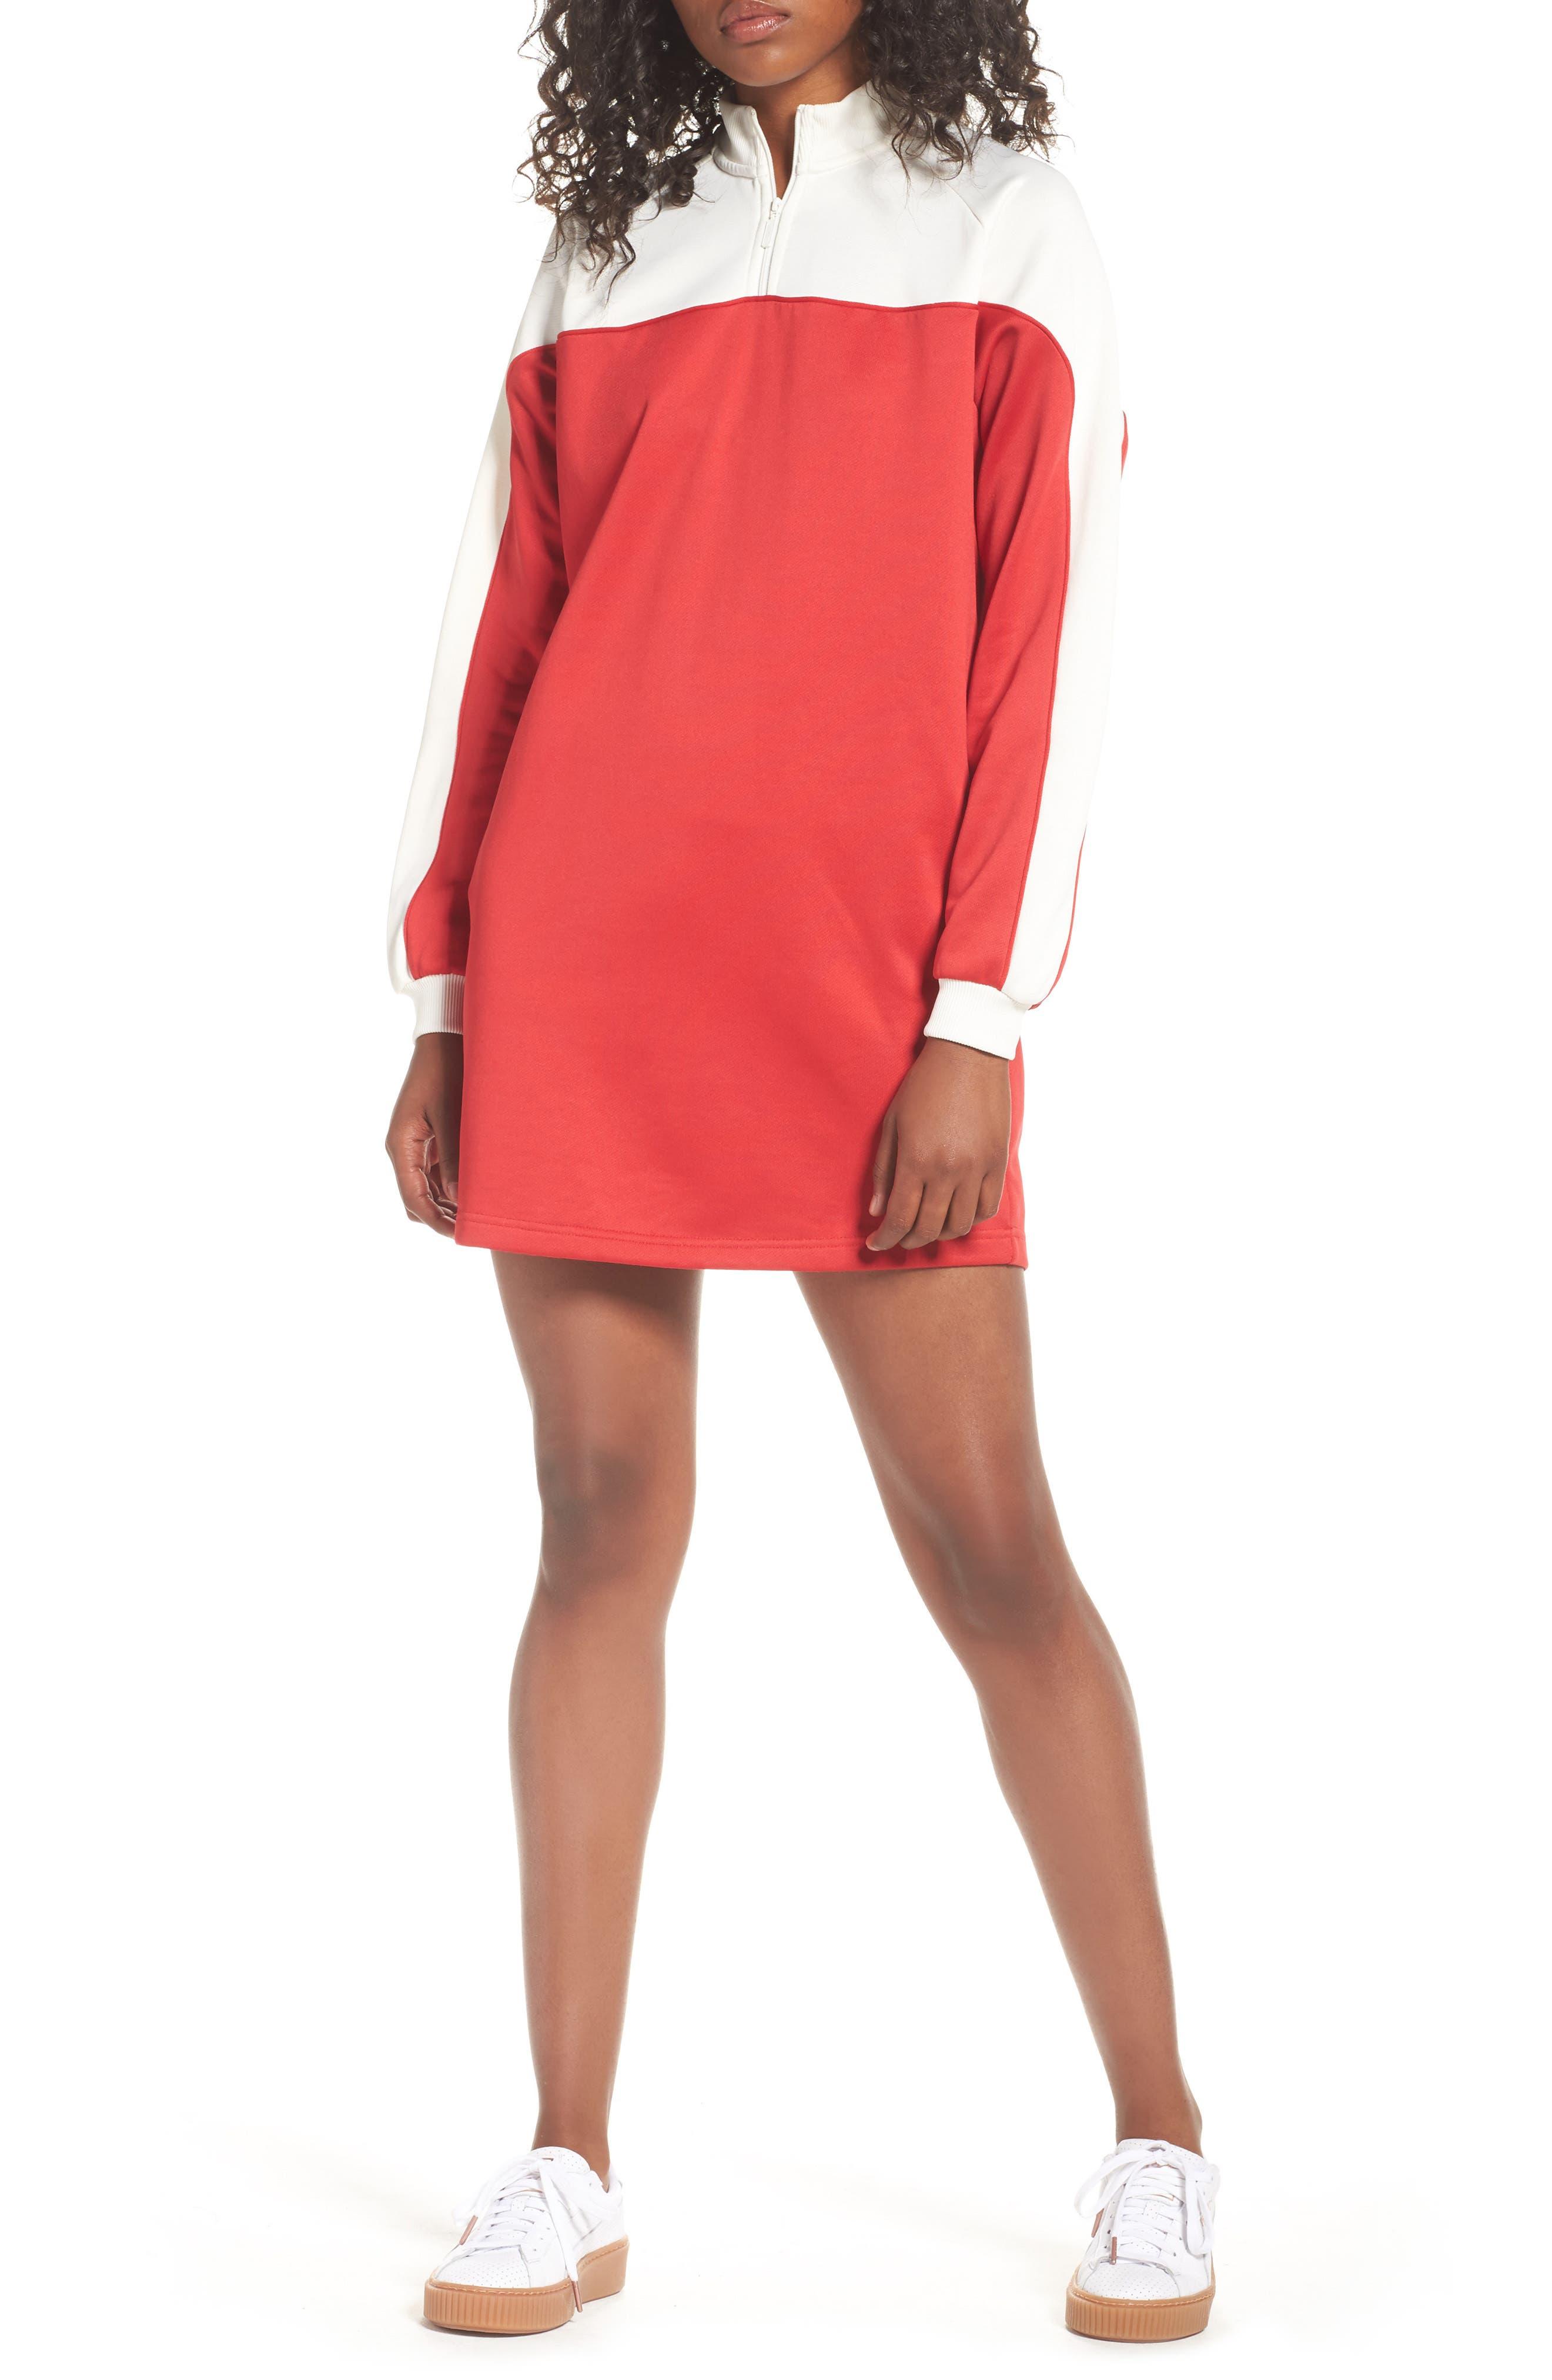 PUMA Quarter-ZIp Colorblock Dress